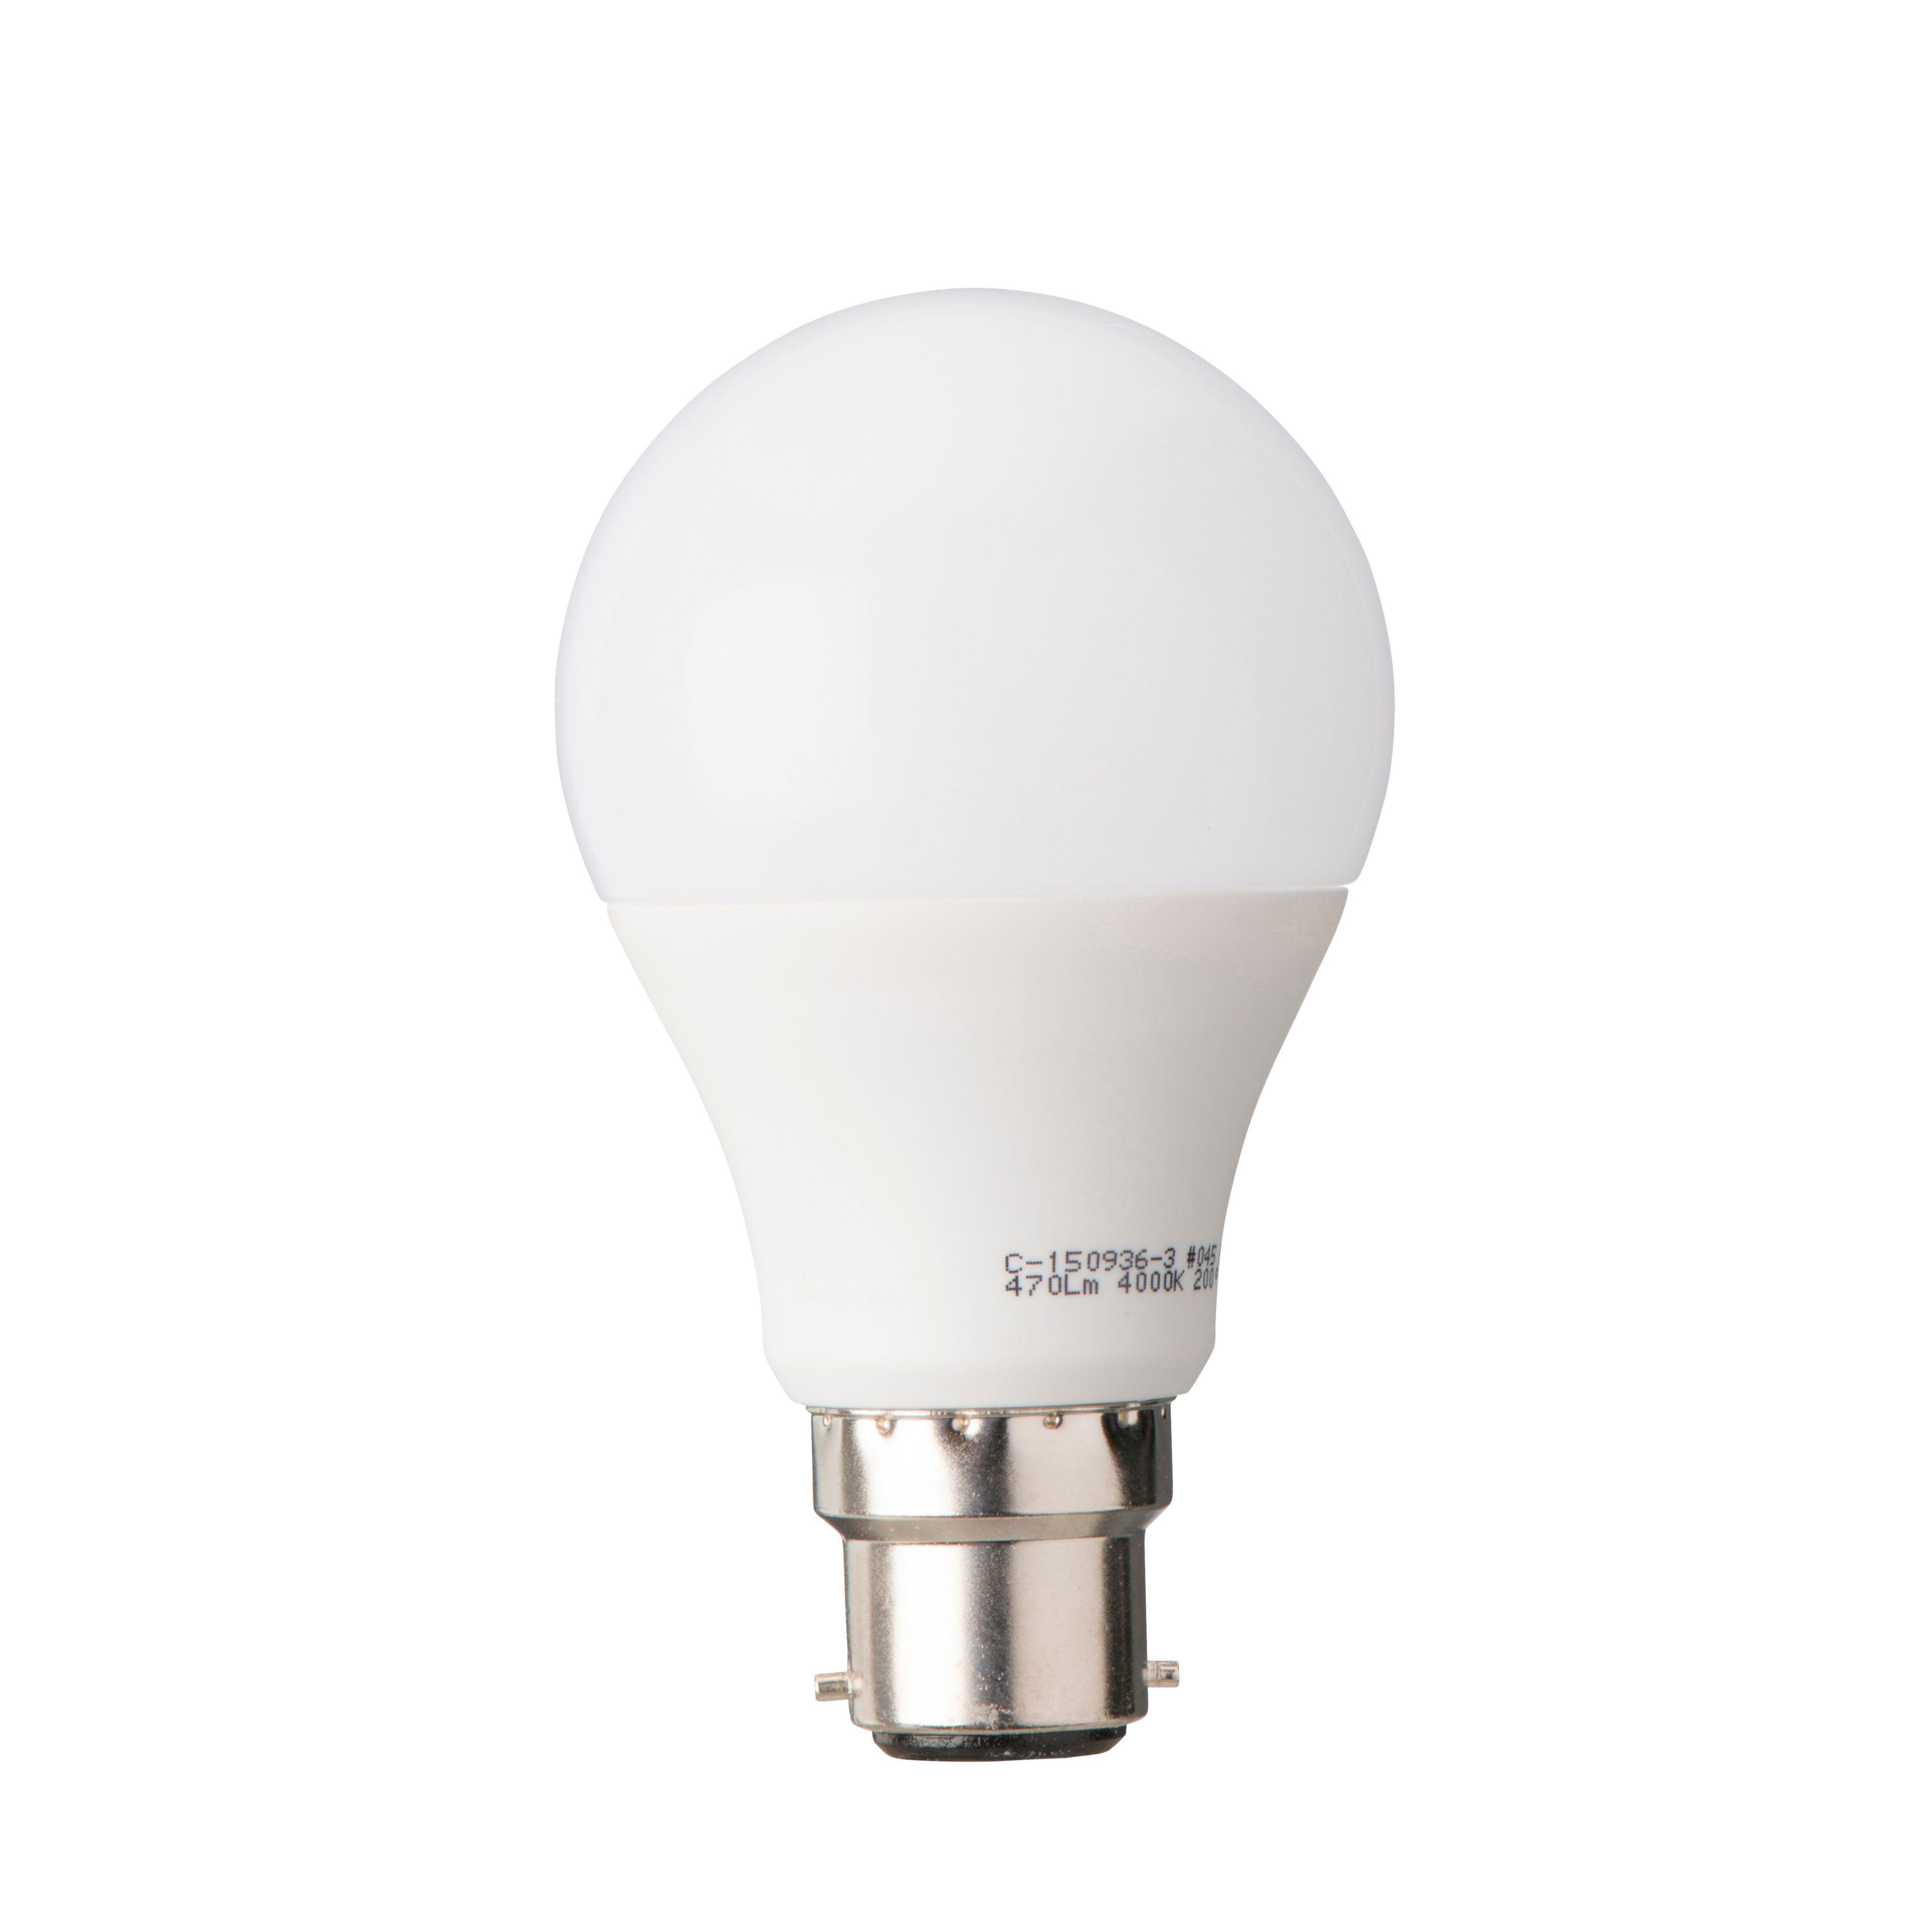 Diall B22 470lm LED Classic Light Bulb